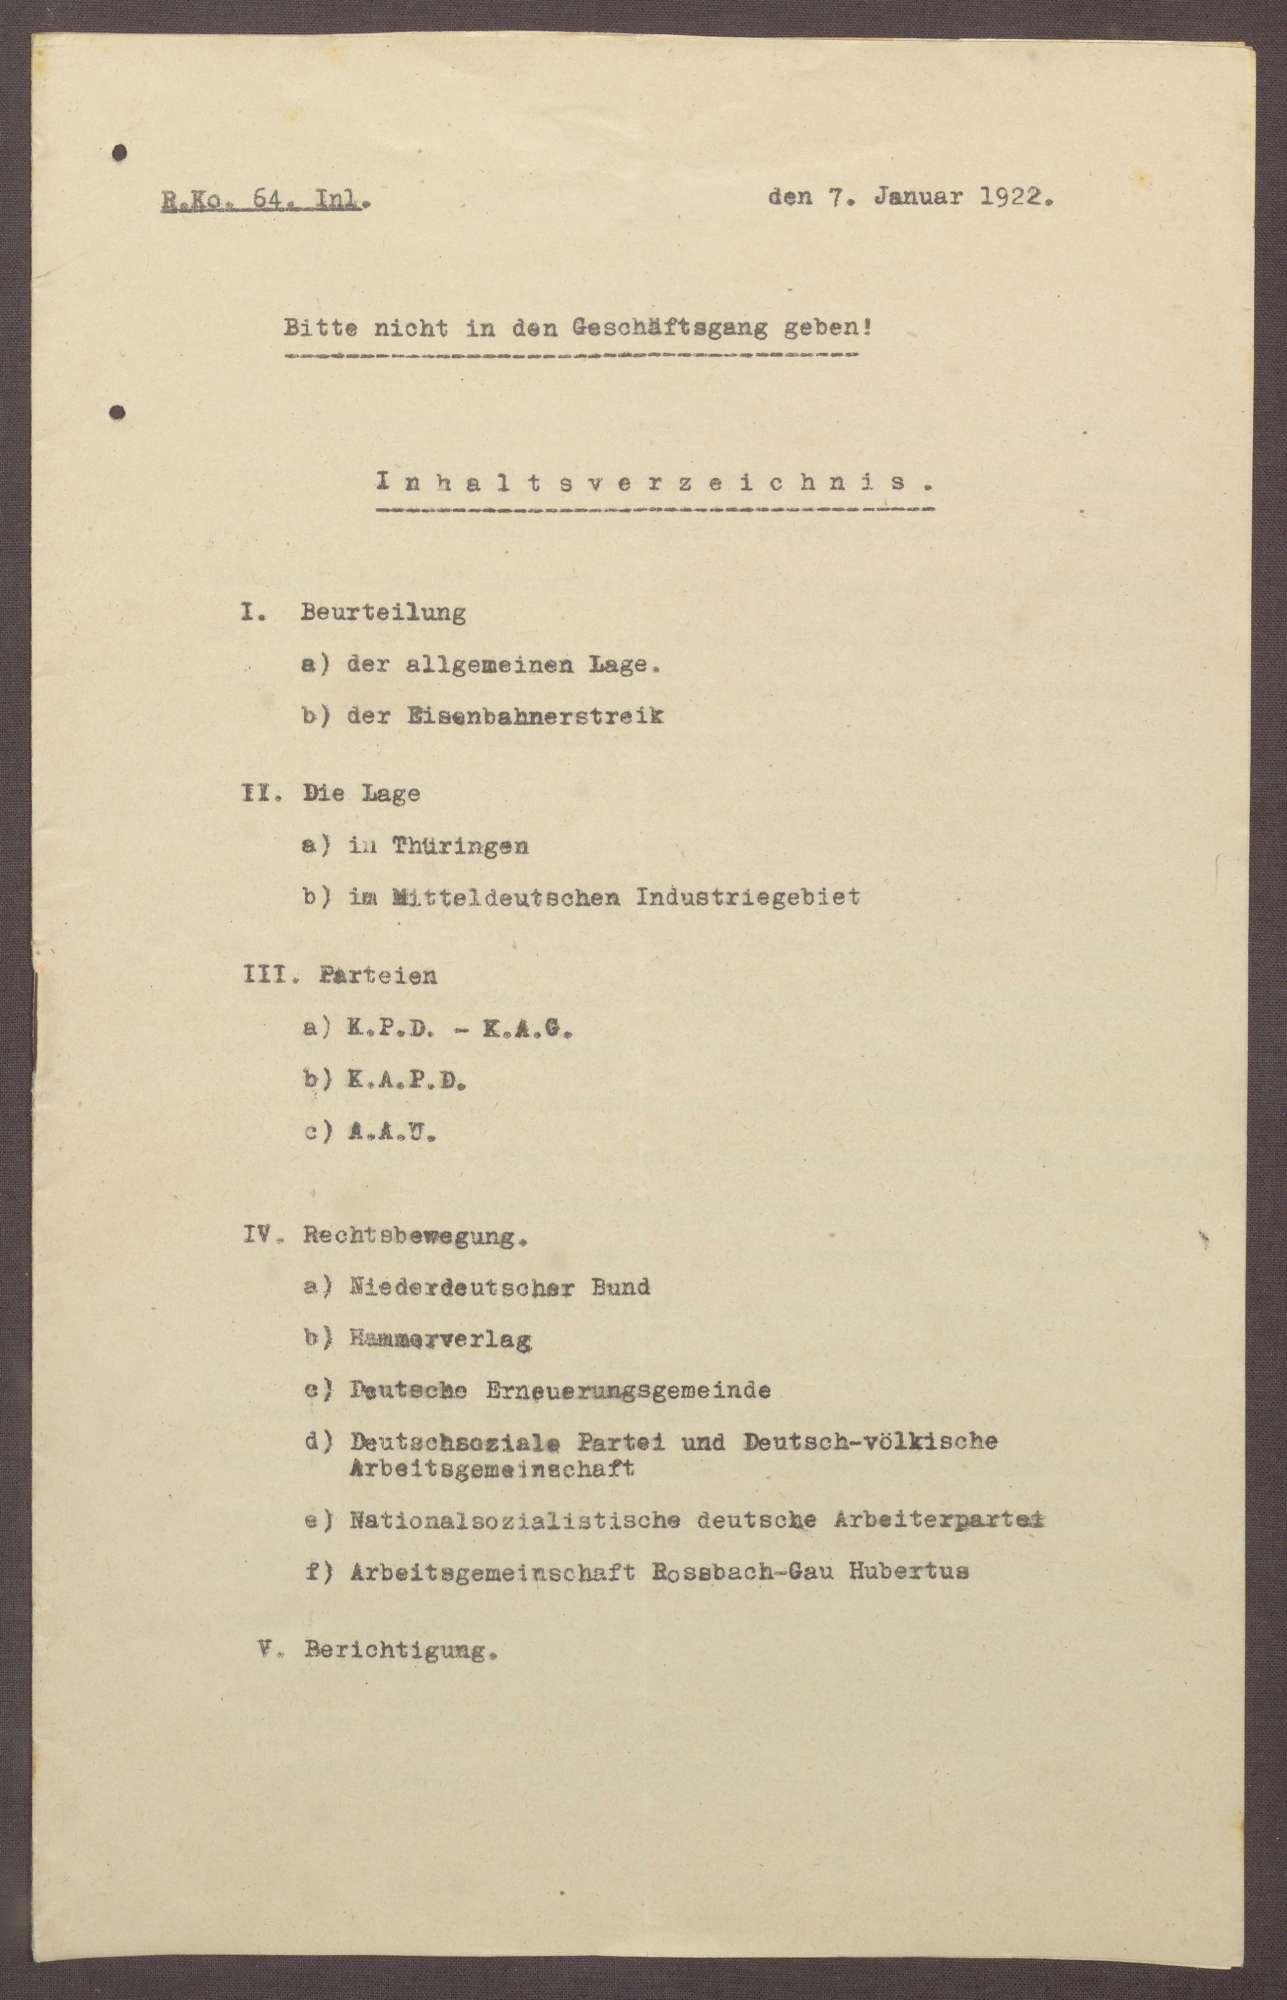 Lageberichte des Reichskommissars für Überwachung der öffentlichen Ordnung, Nr. 64, Bild 1